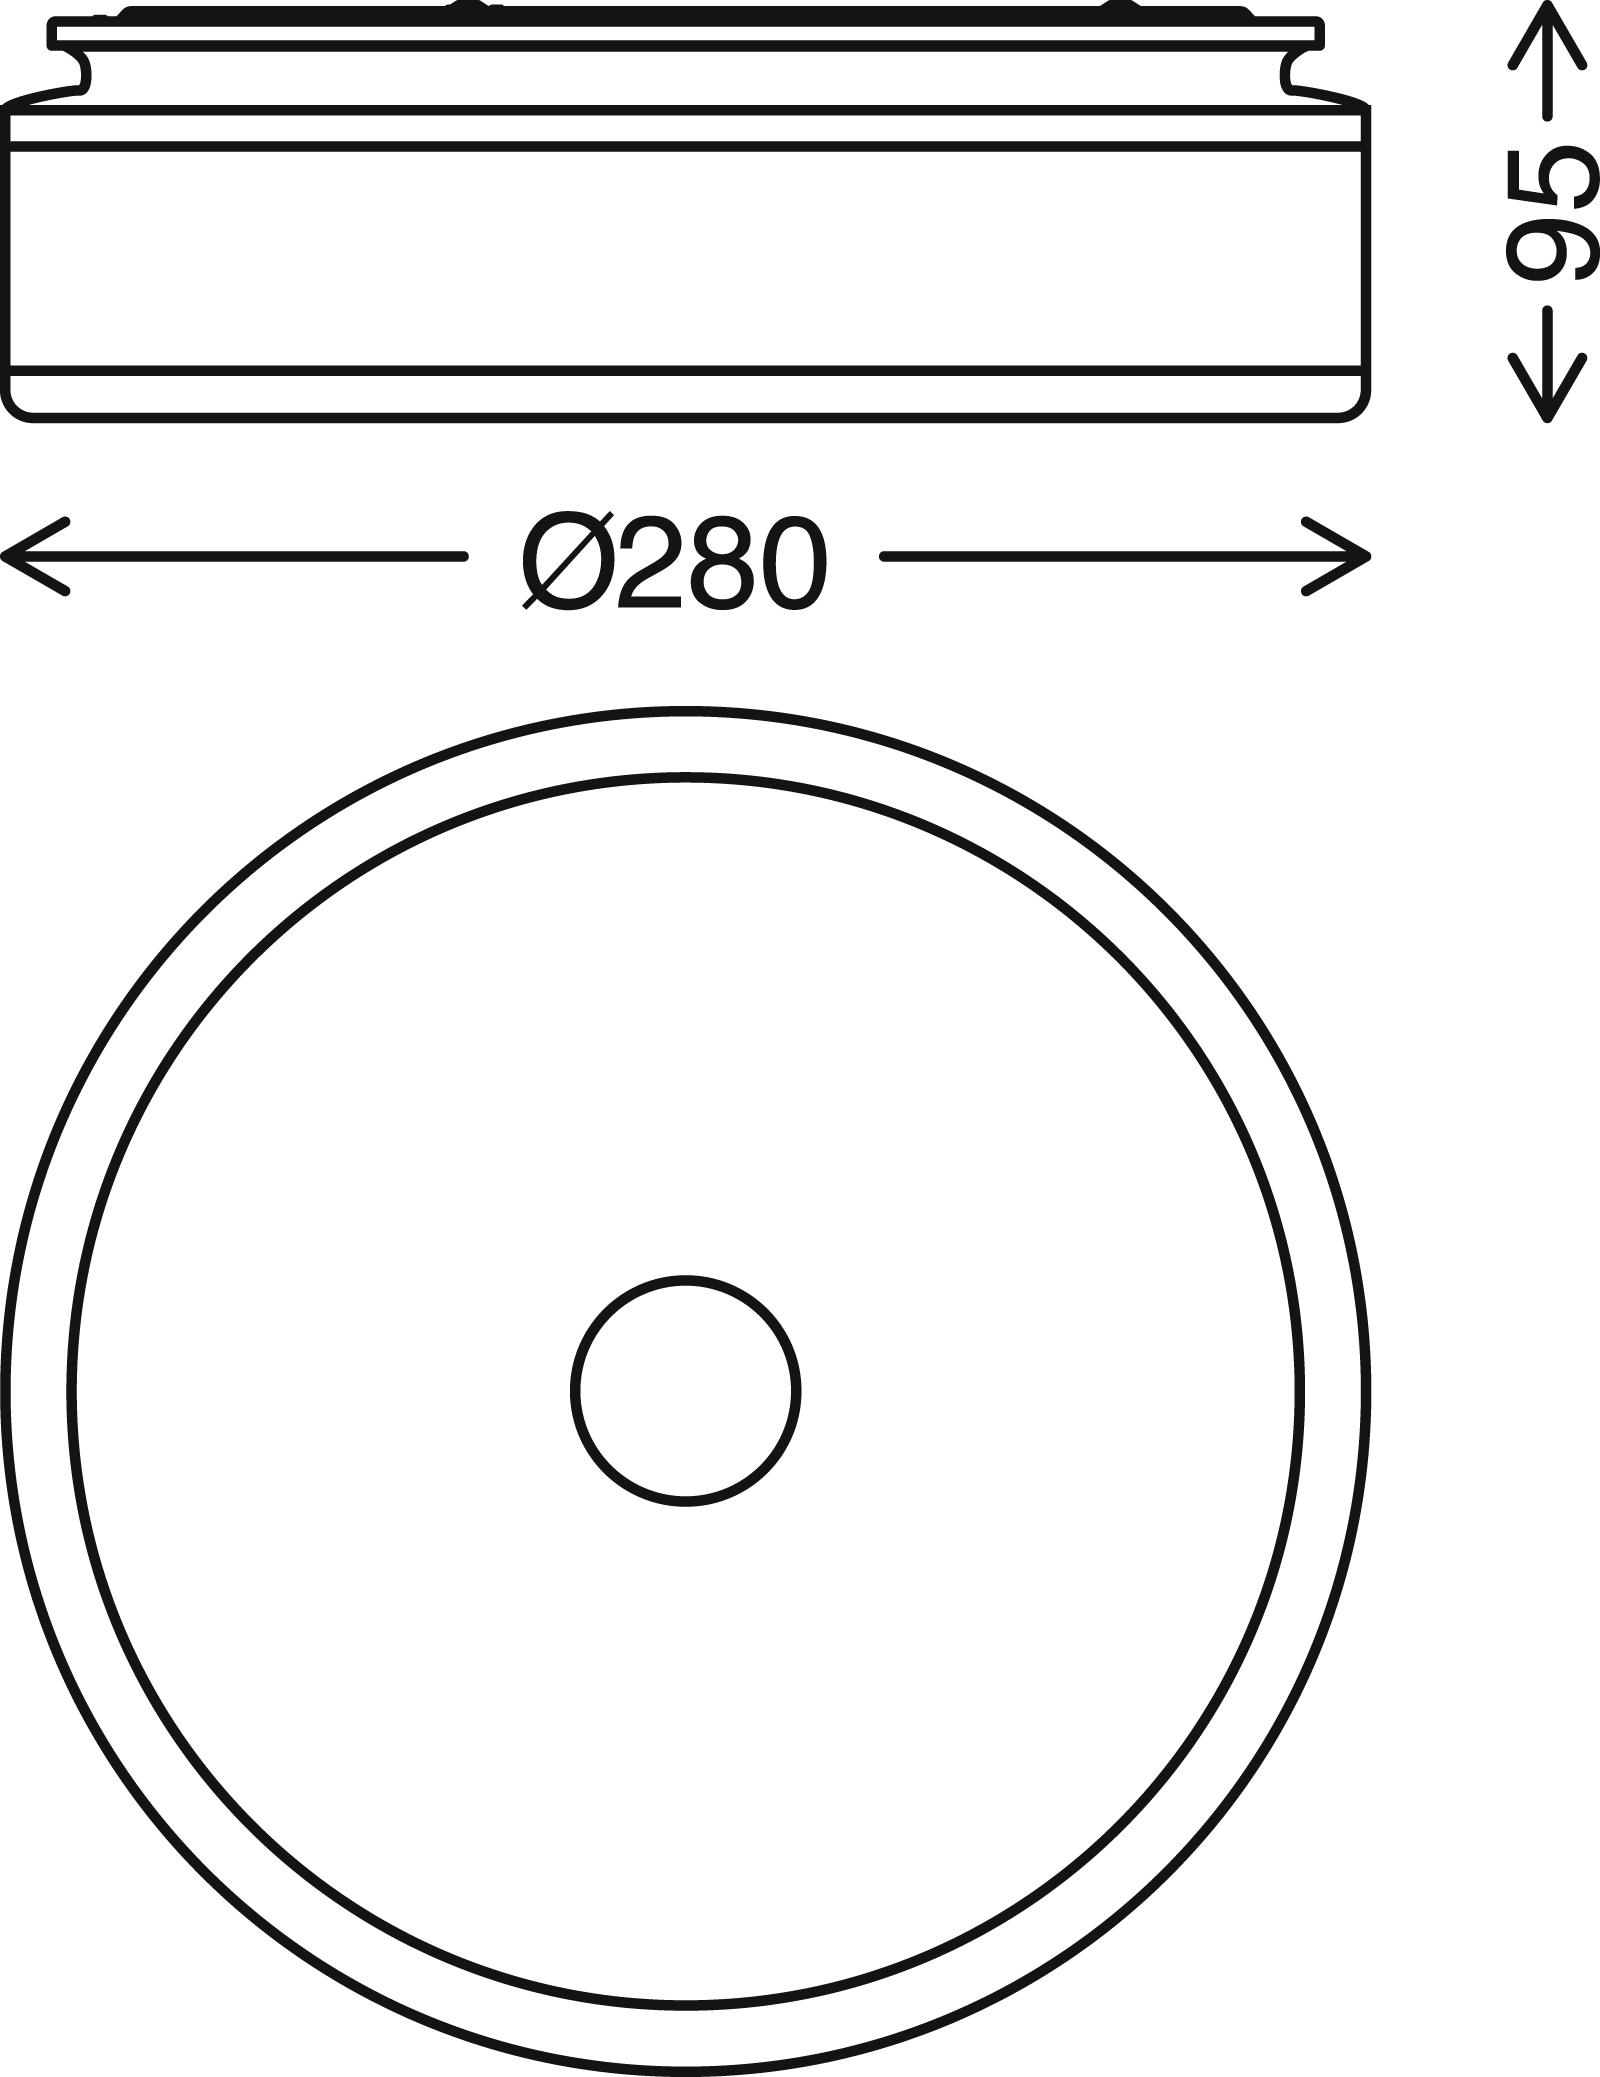 LED Deckenleuchte, Ø 28 cm, 12 W, Schwarz